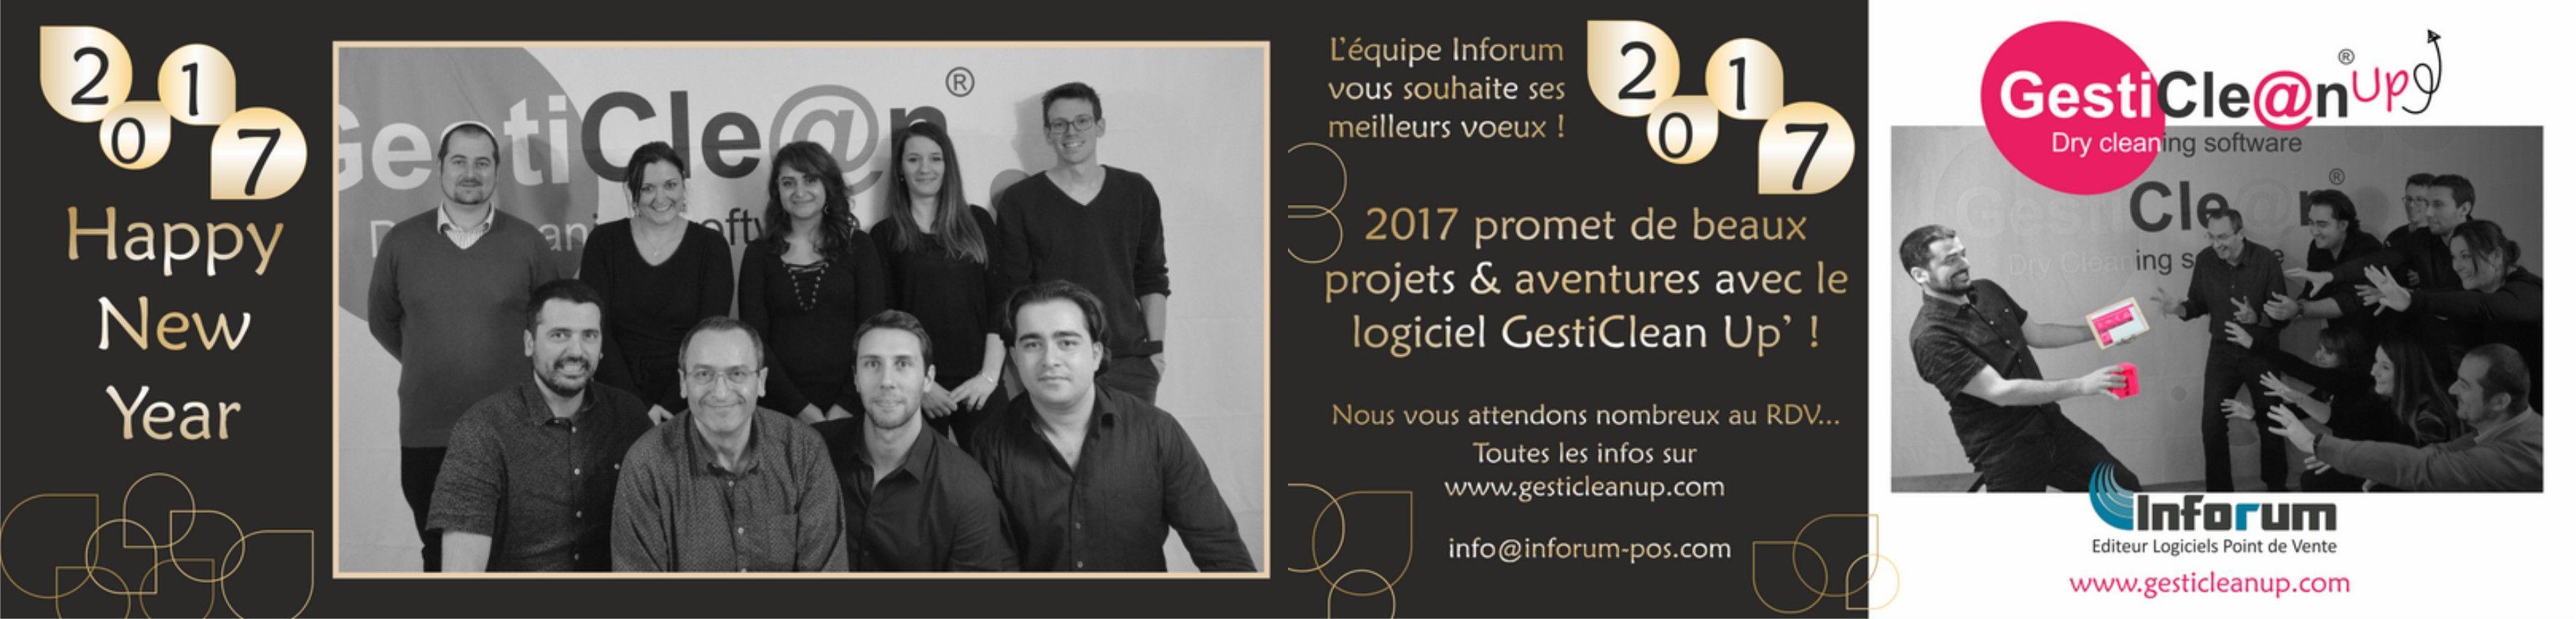 Site de rencontres amicales gratuit belgique